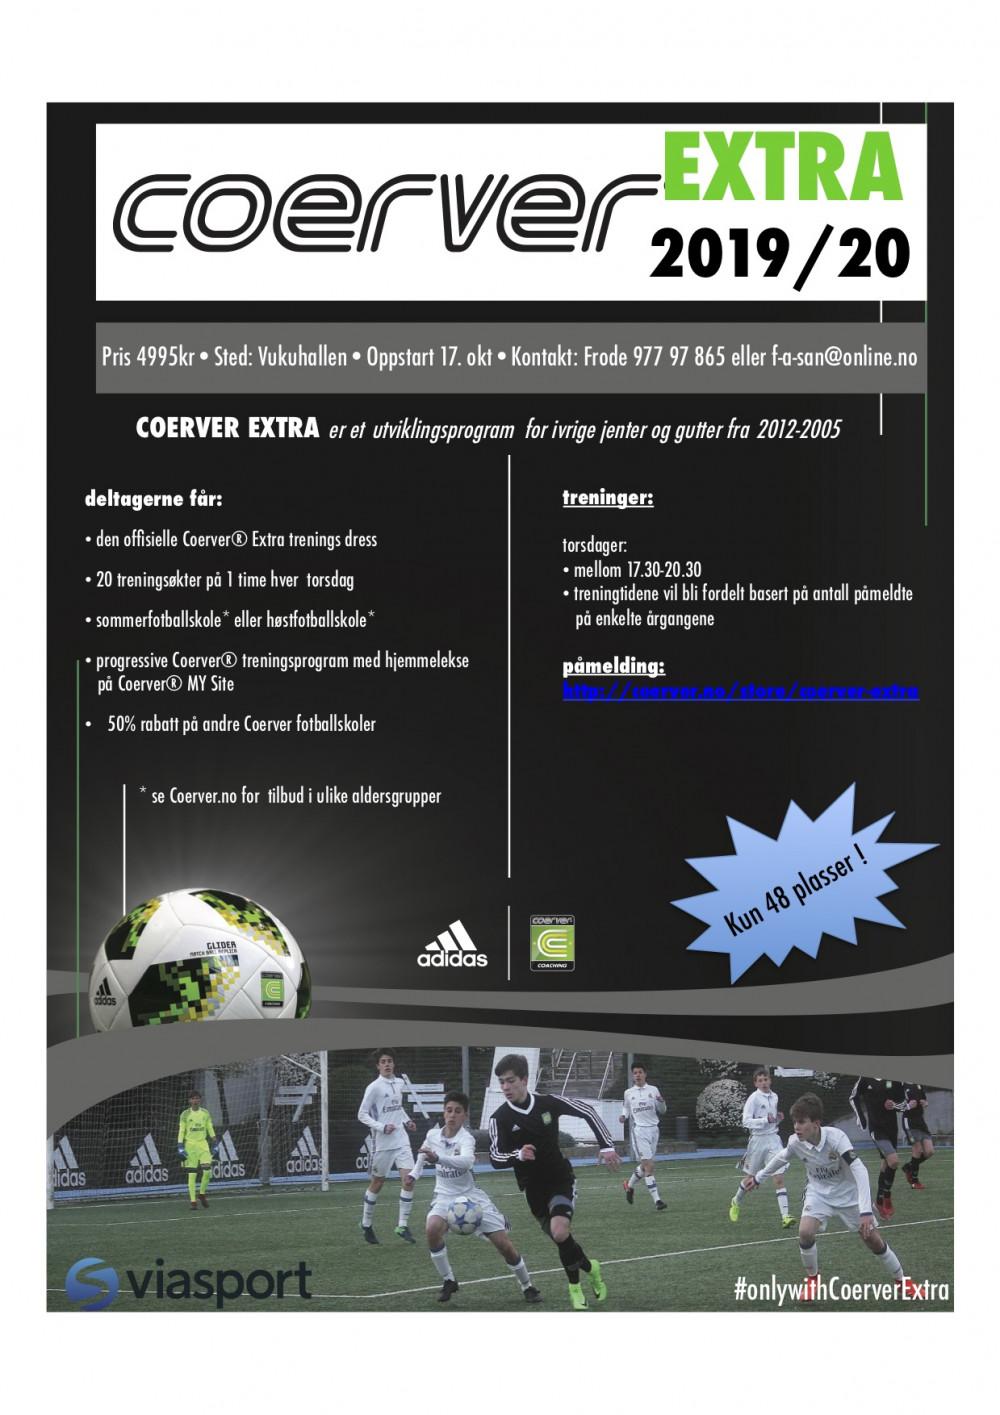 Coerver Extra Vukuhallen 2019/20